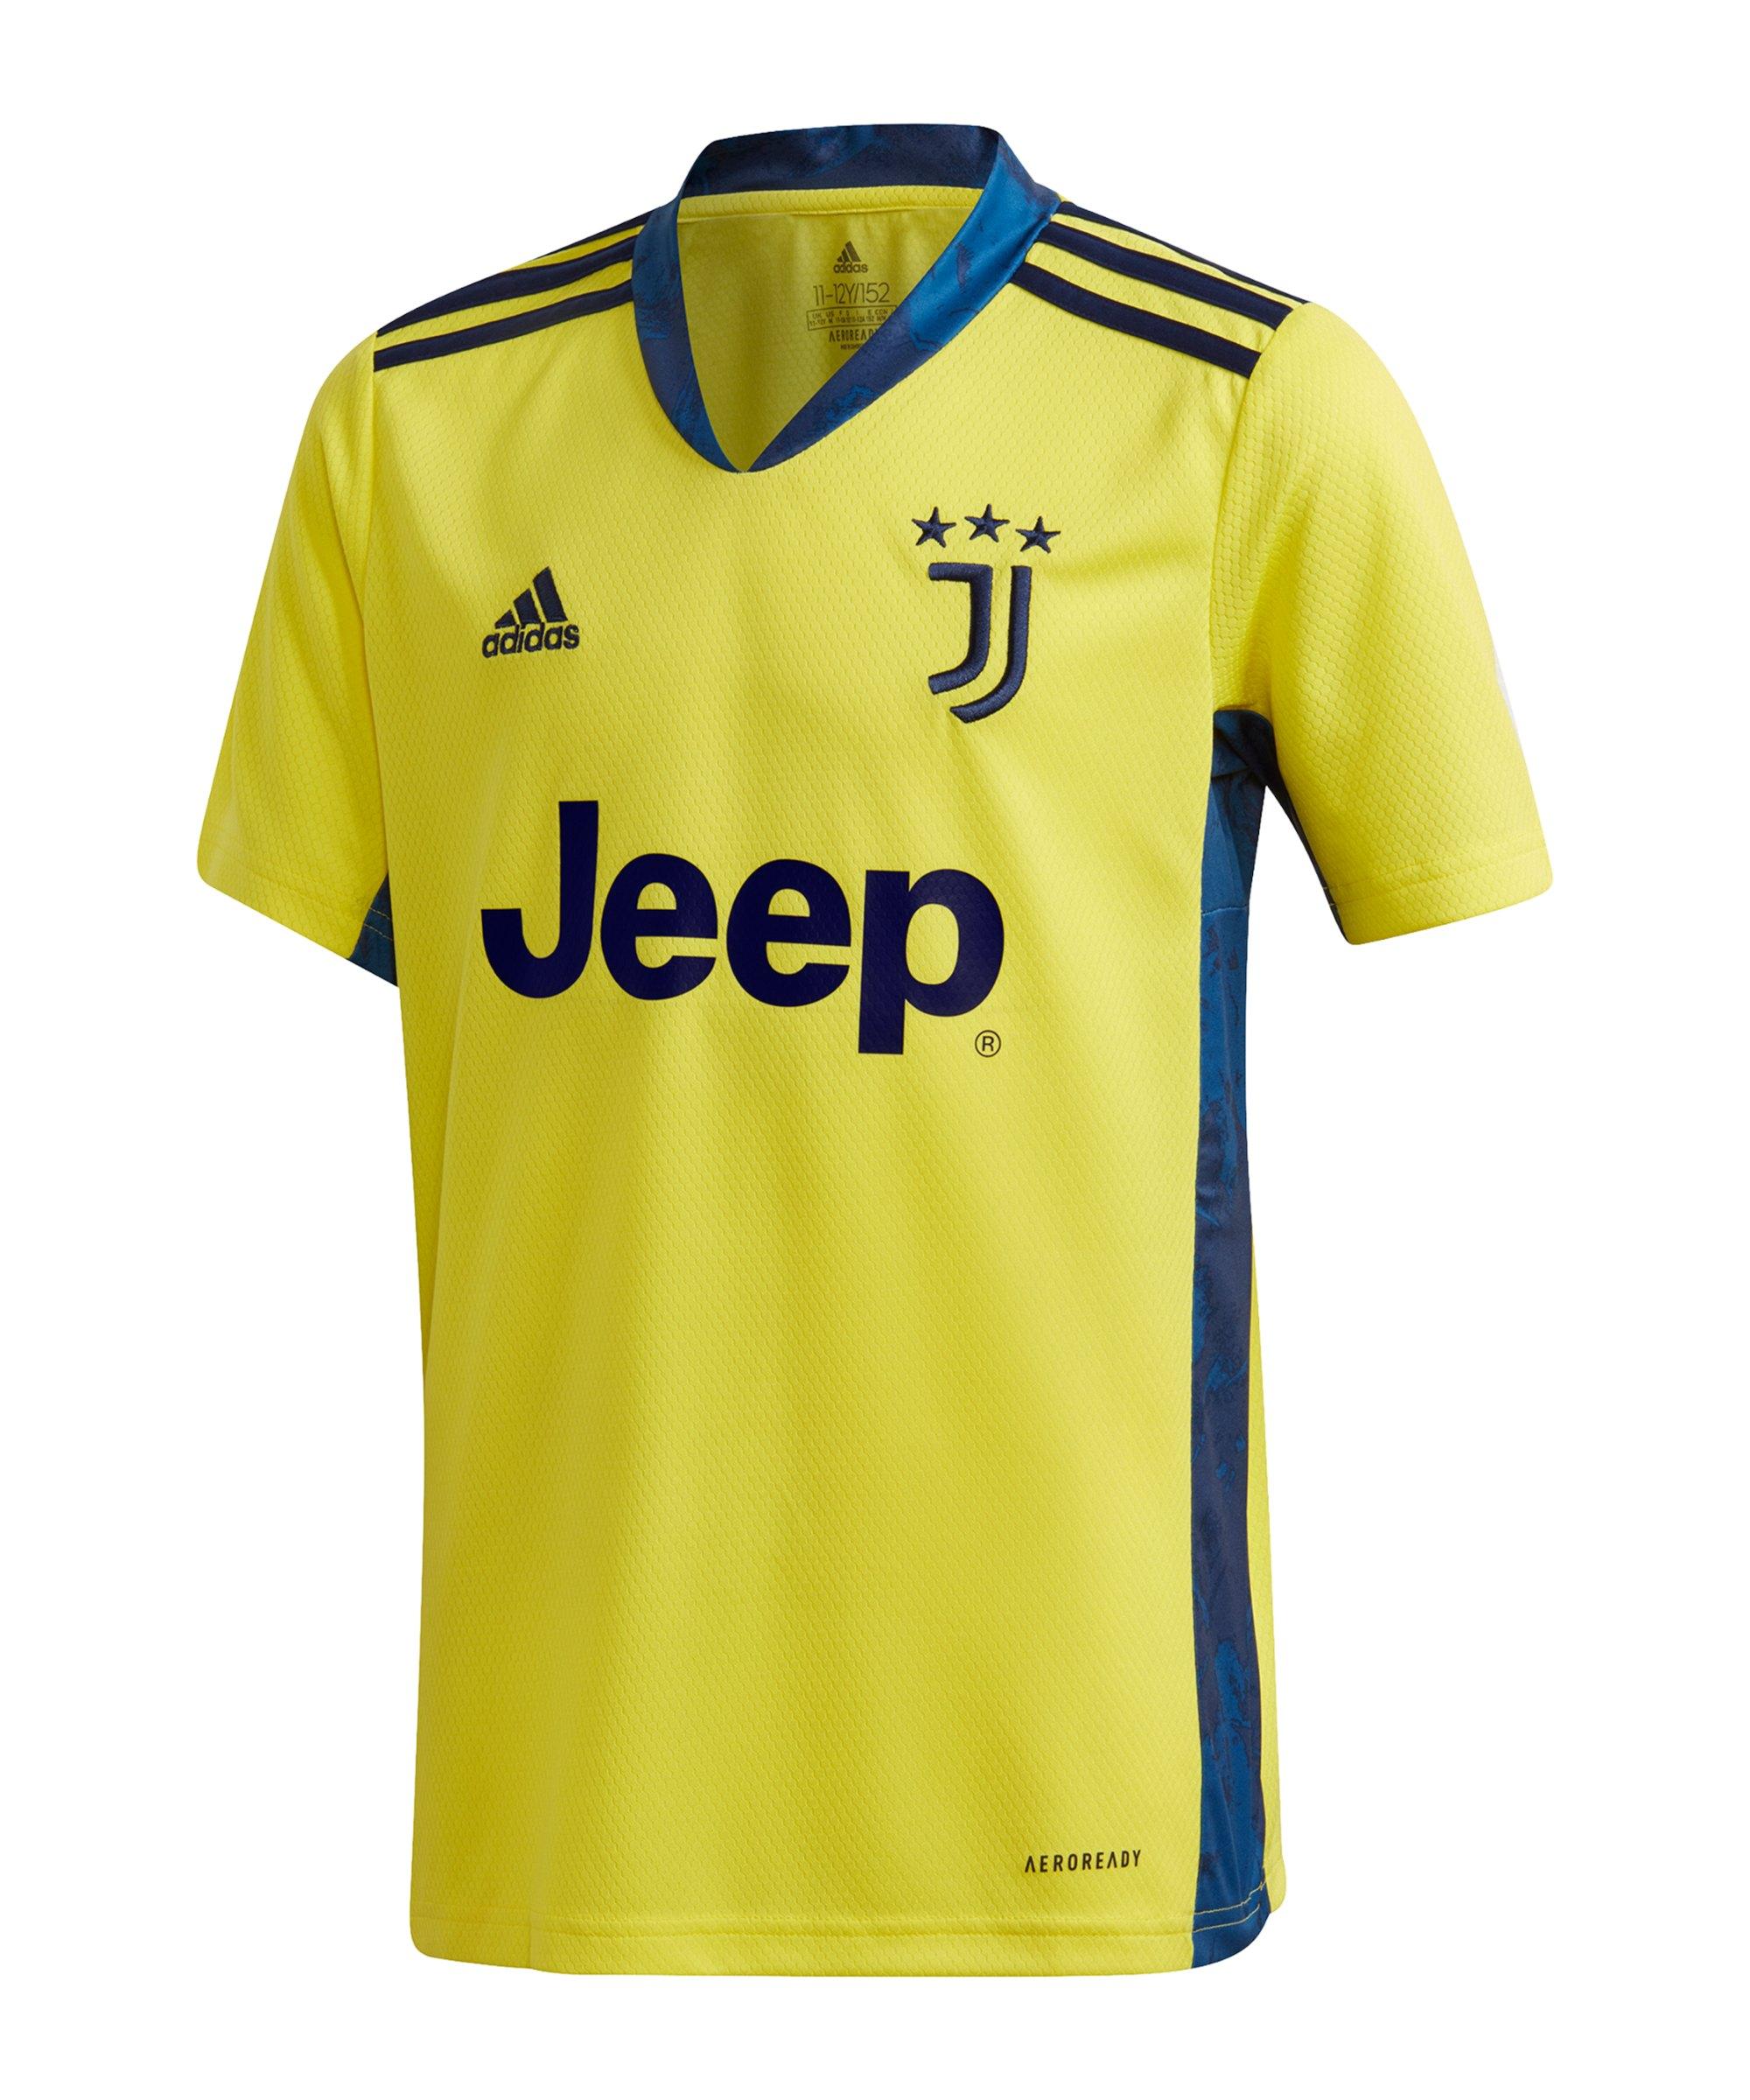 adidas Juventus Turin Torwarttrikot 2020/2021 Kids - gelb